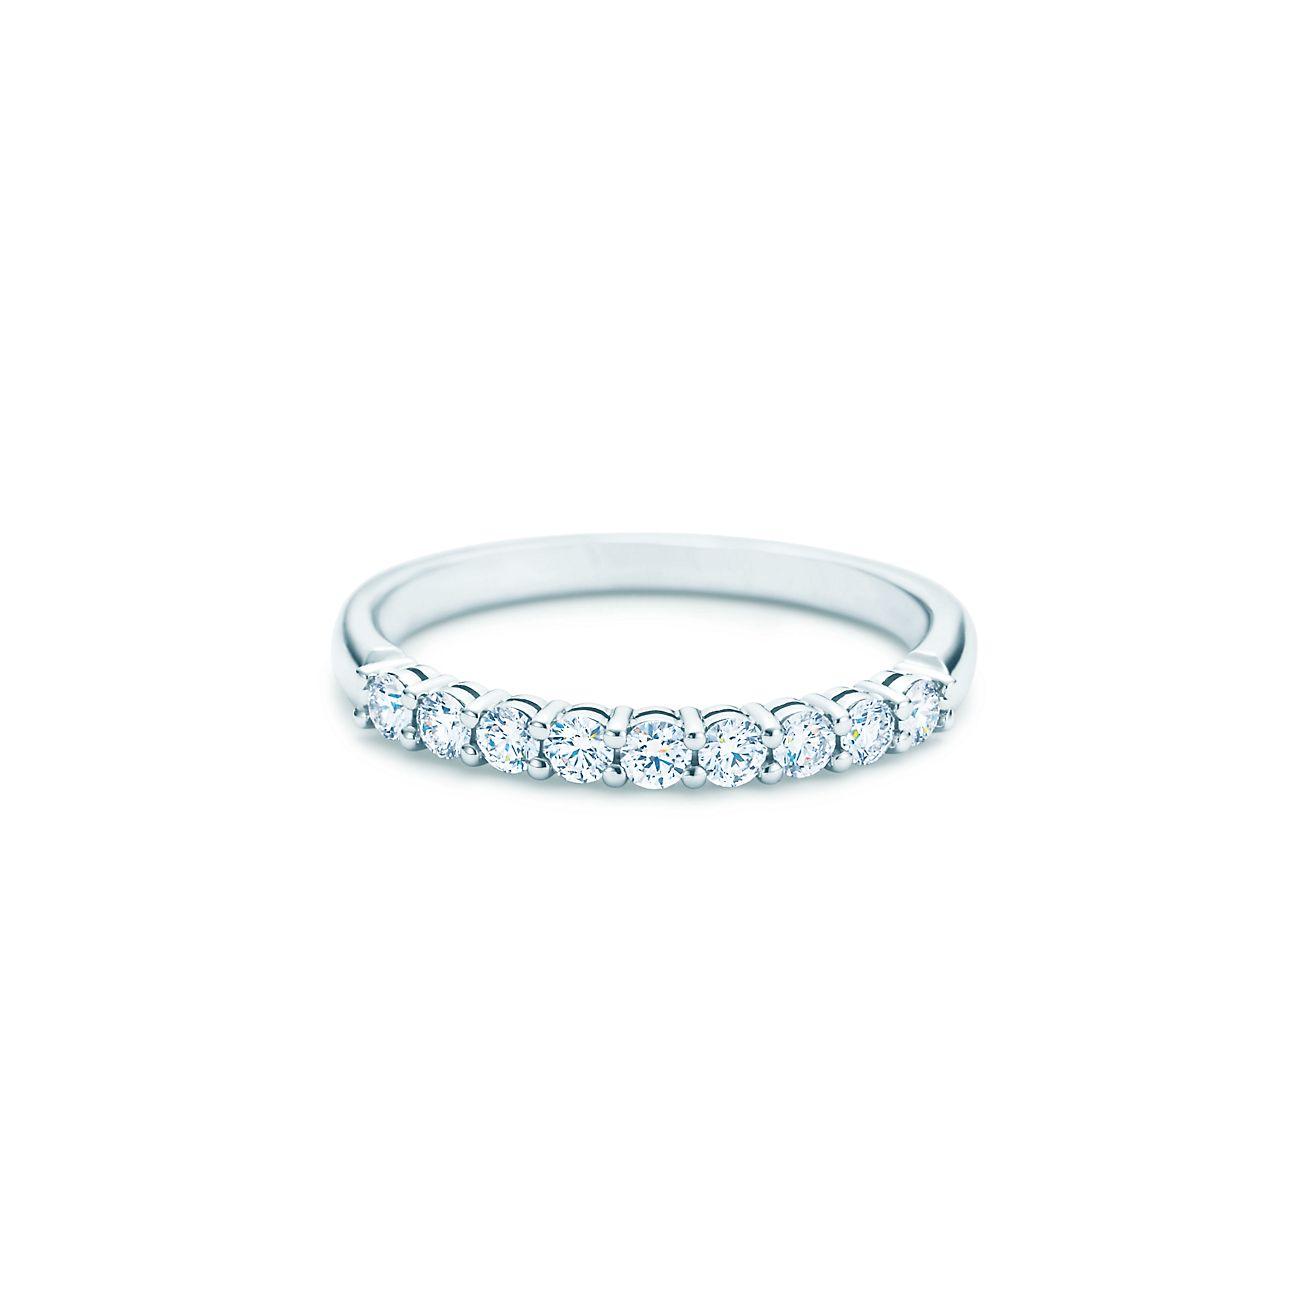 tiffany wedding ring - Wedding Decor Ideas